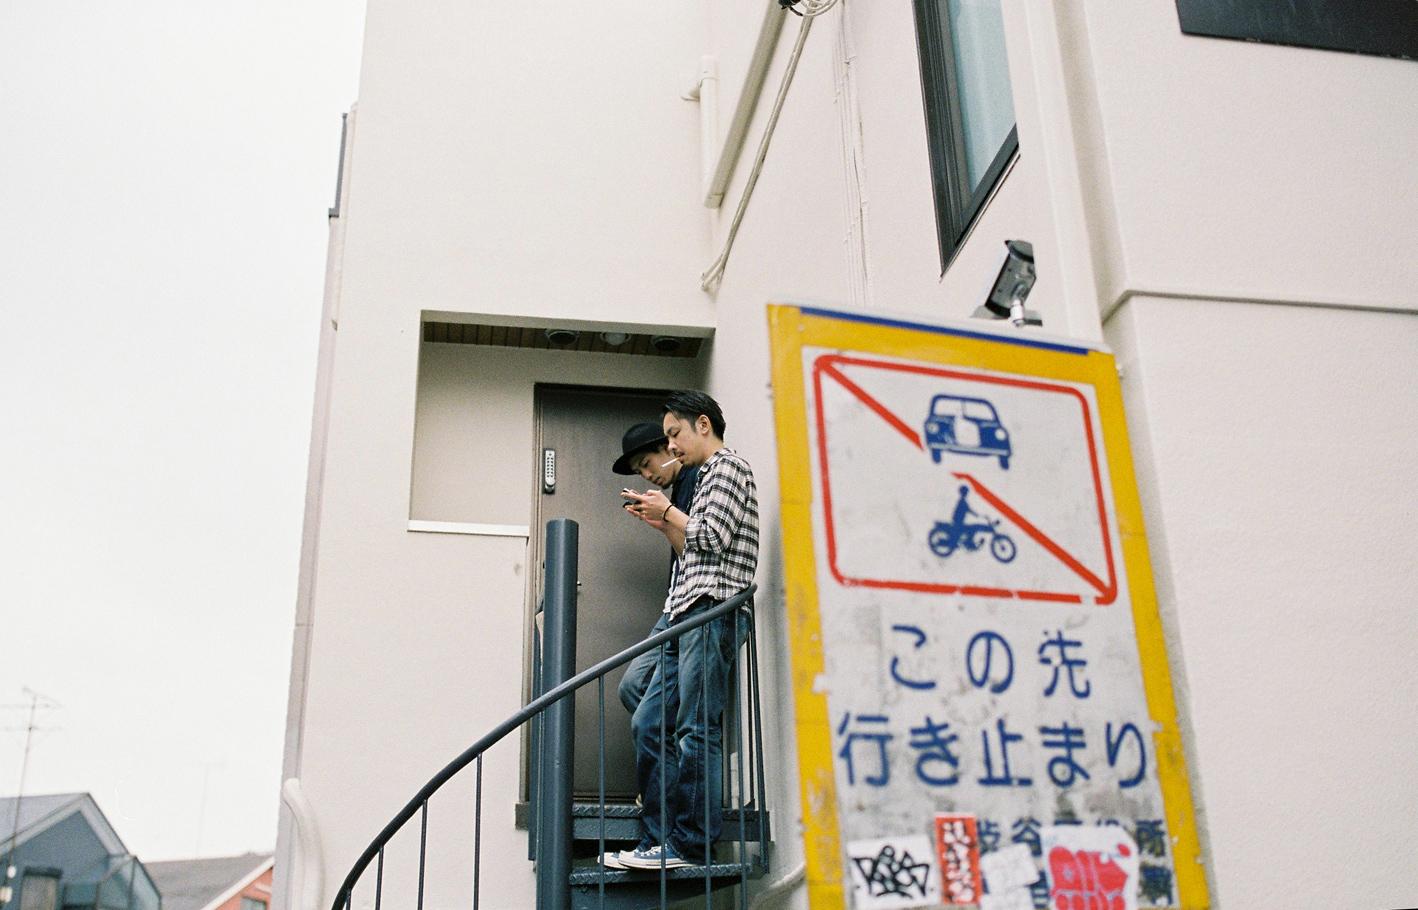 033-tokyo-japan-sophie-baker-photography